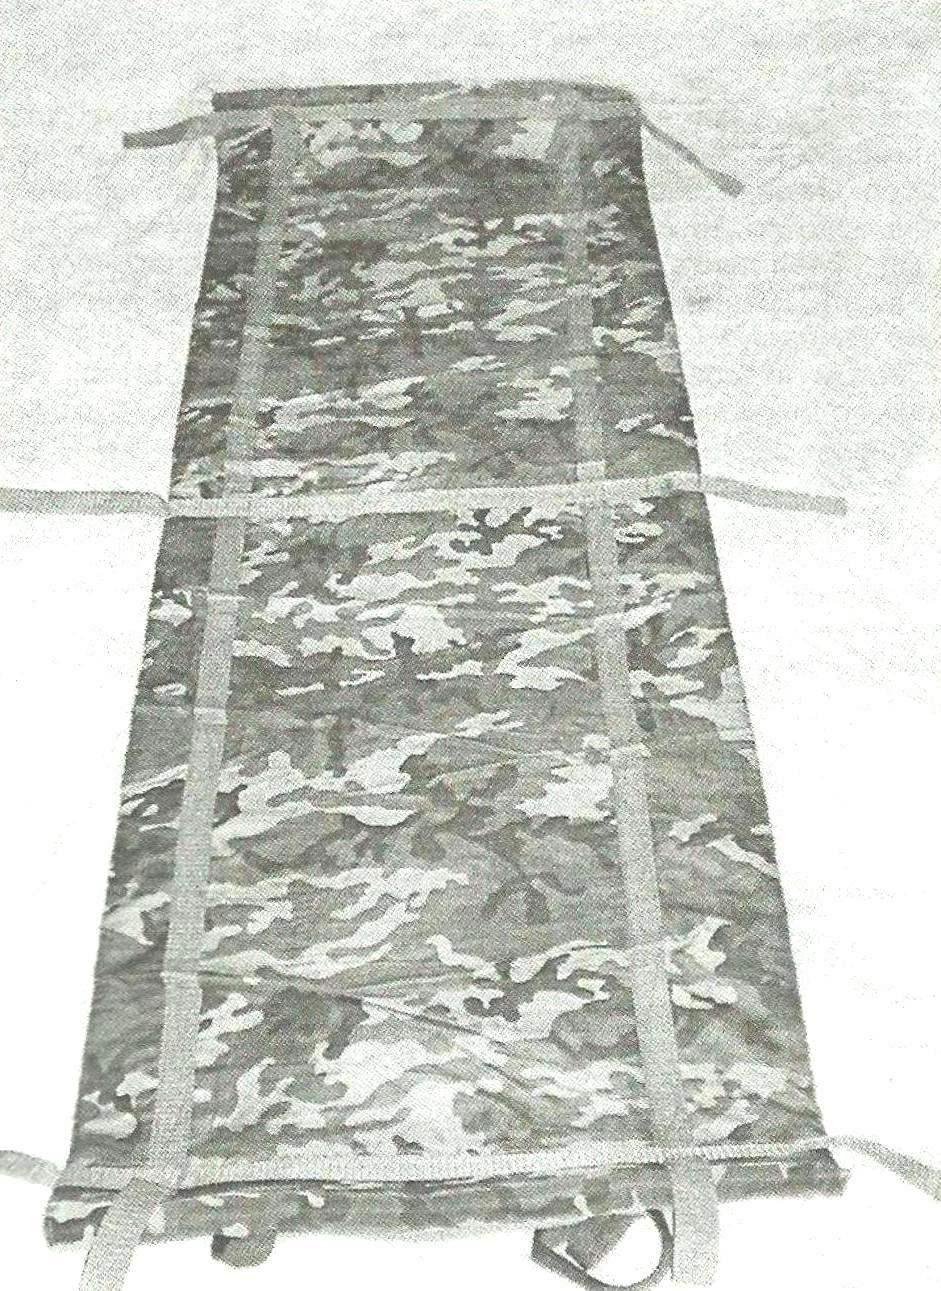 Фото 3. Нижняя сторона чехла со стропами